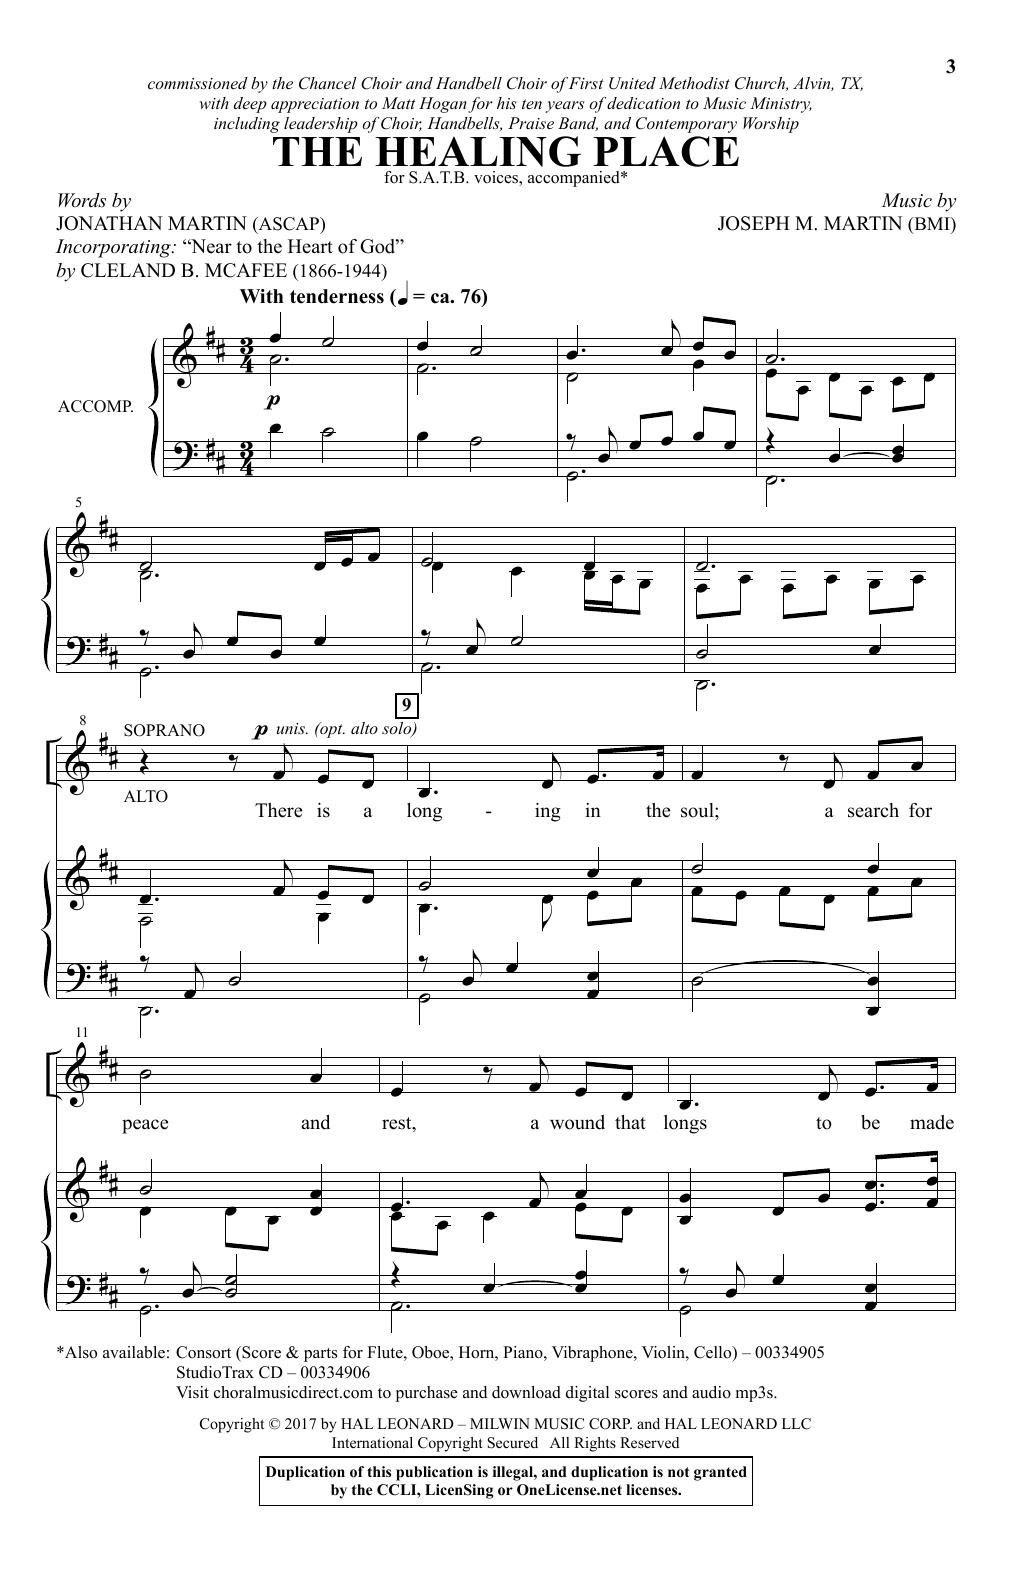 The Healing Place (SATB Choir)